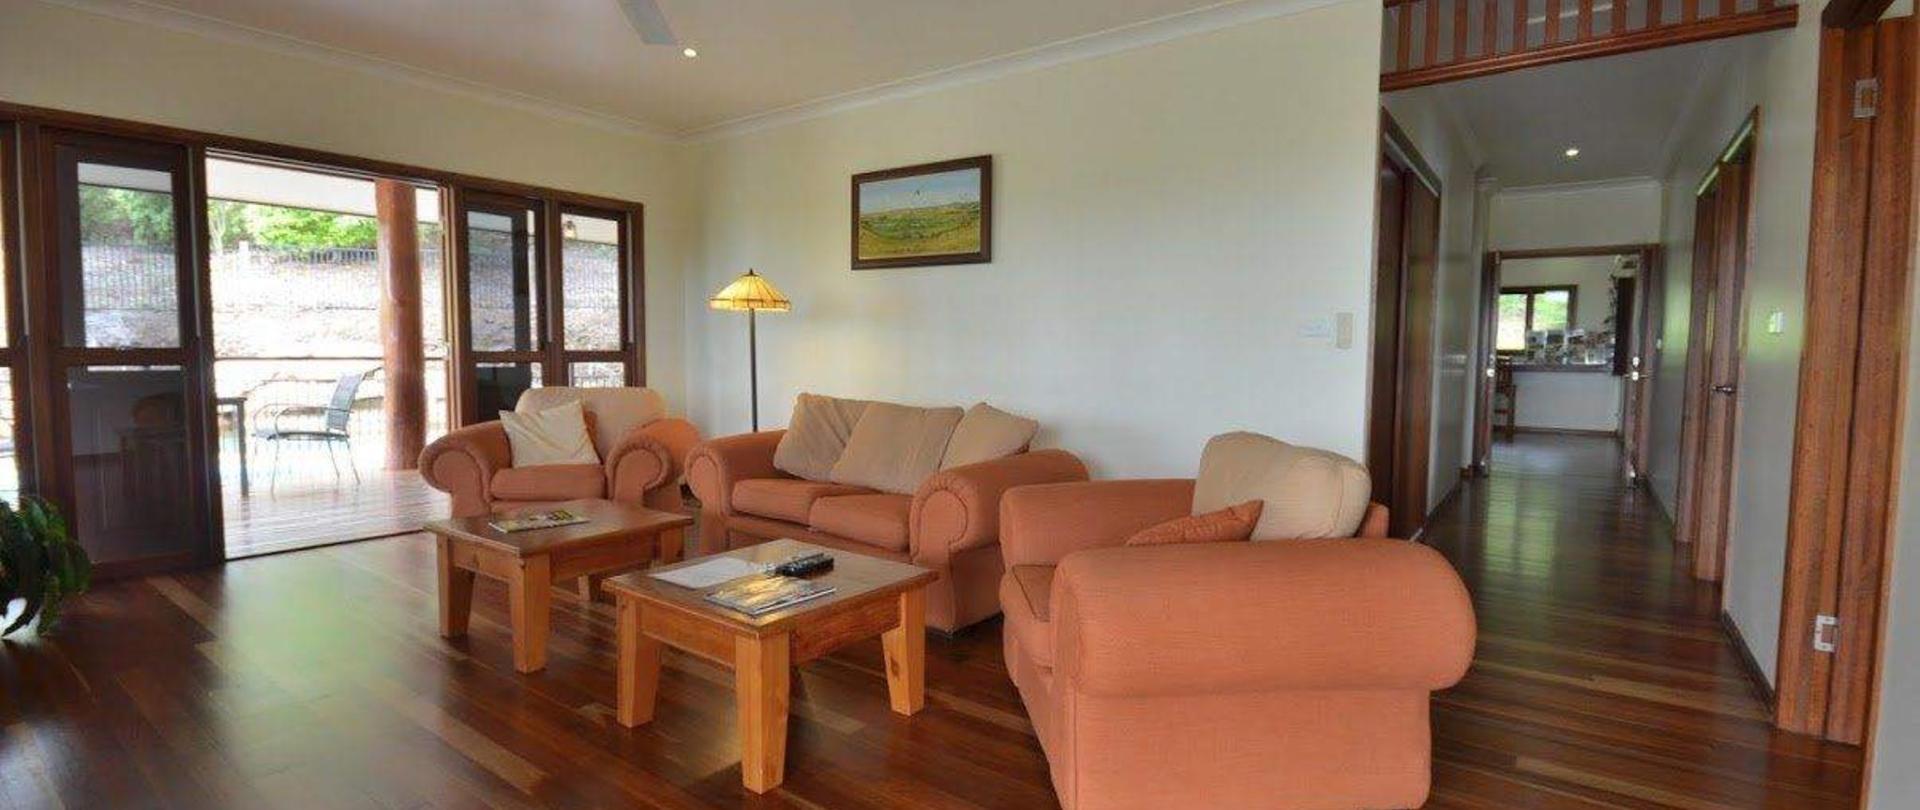 lounge-floor-2.JPG